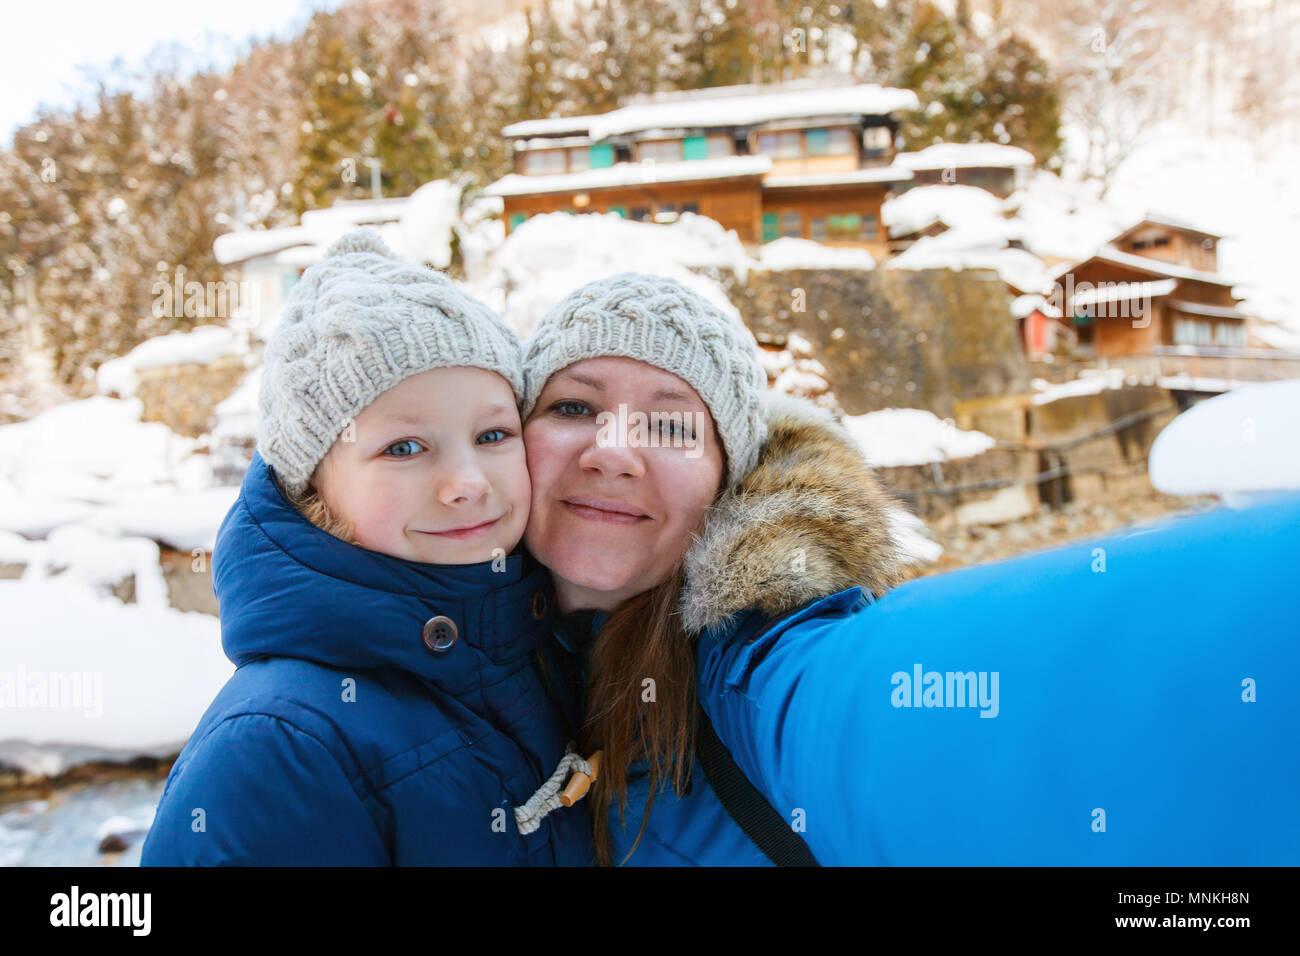 Madre e doughter tenendo selfie sulla bellissima giornata invernale all'aperto Immagini Stock